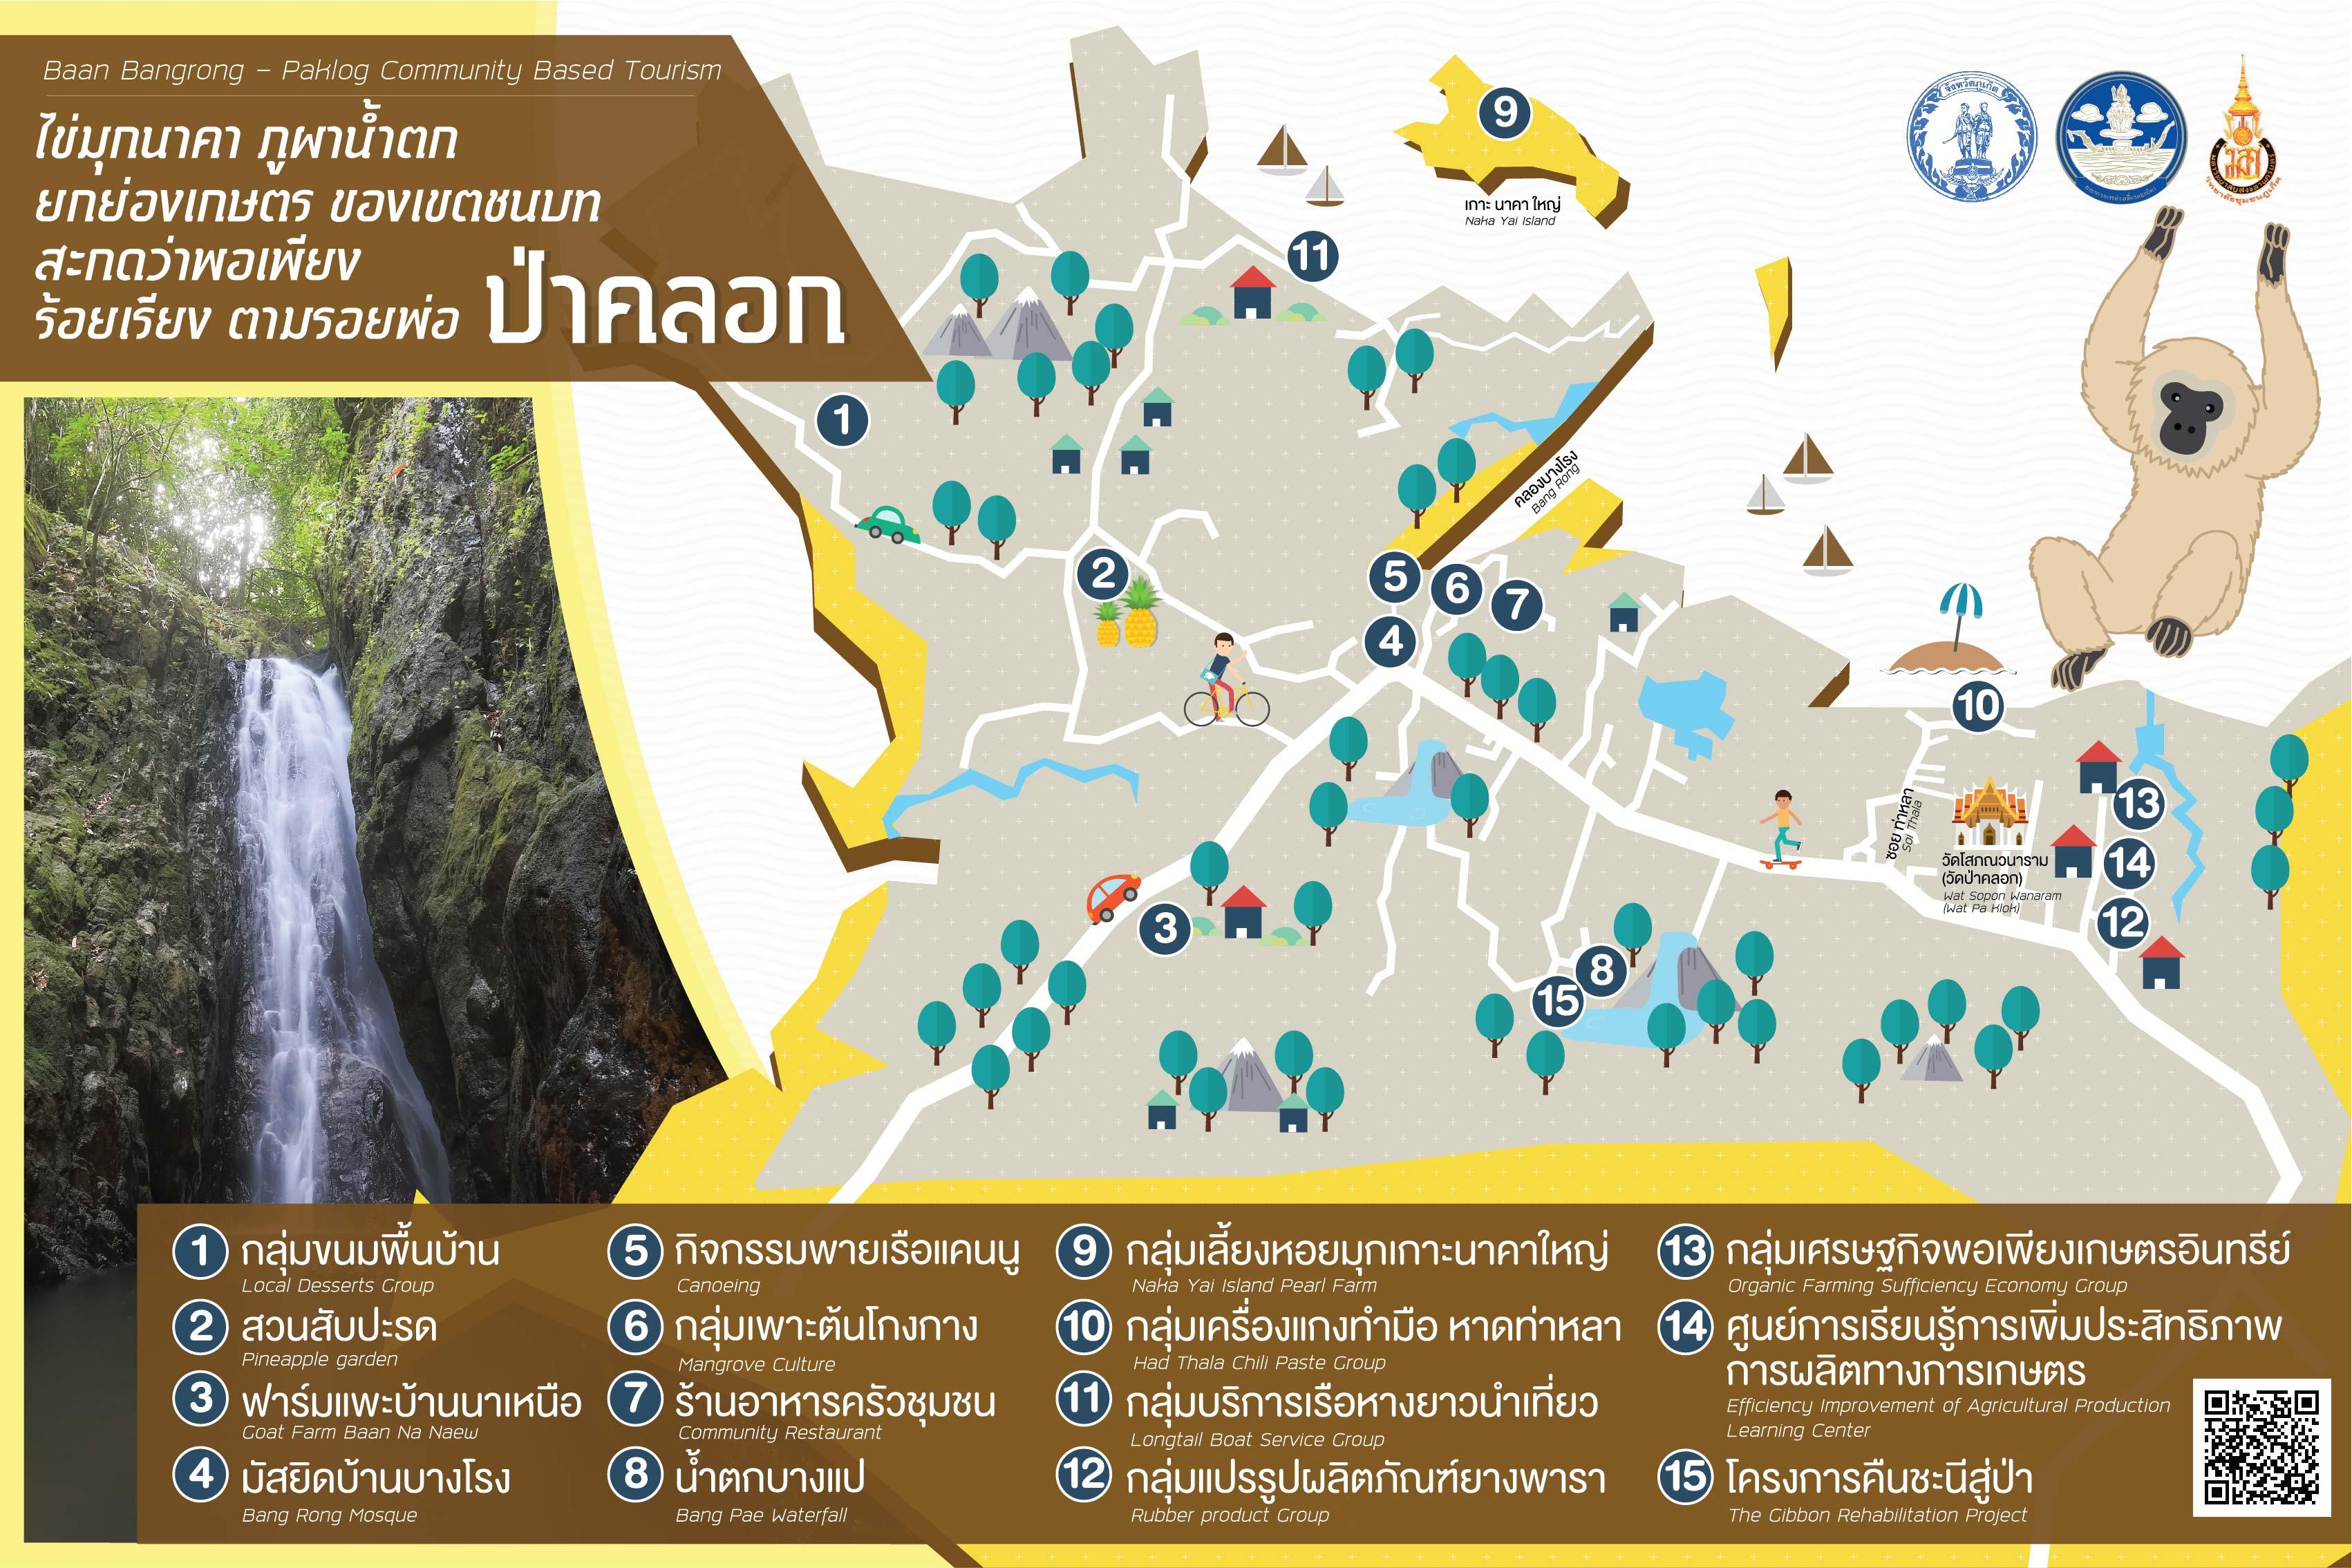 ชุมชนตำบลป่าคลอก Tambol Pa Klog Community